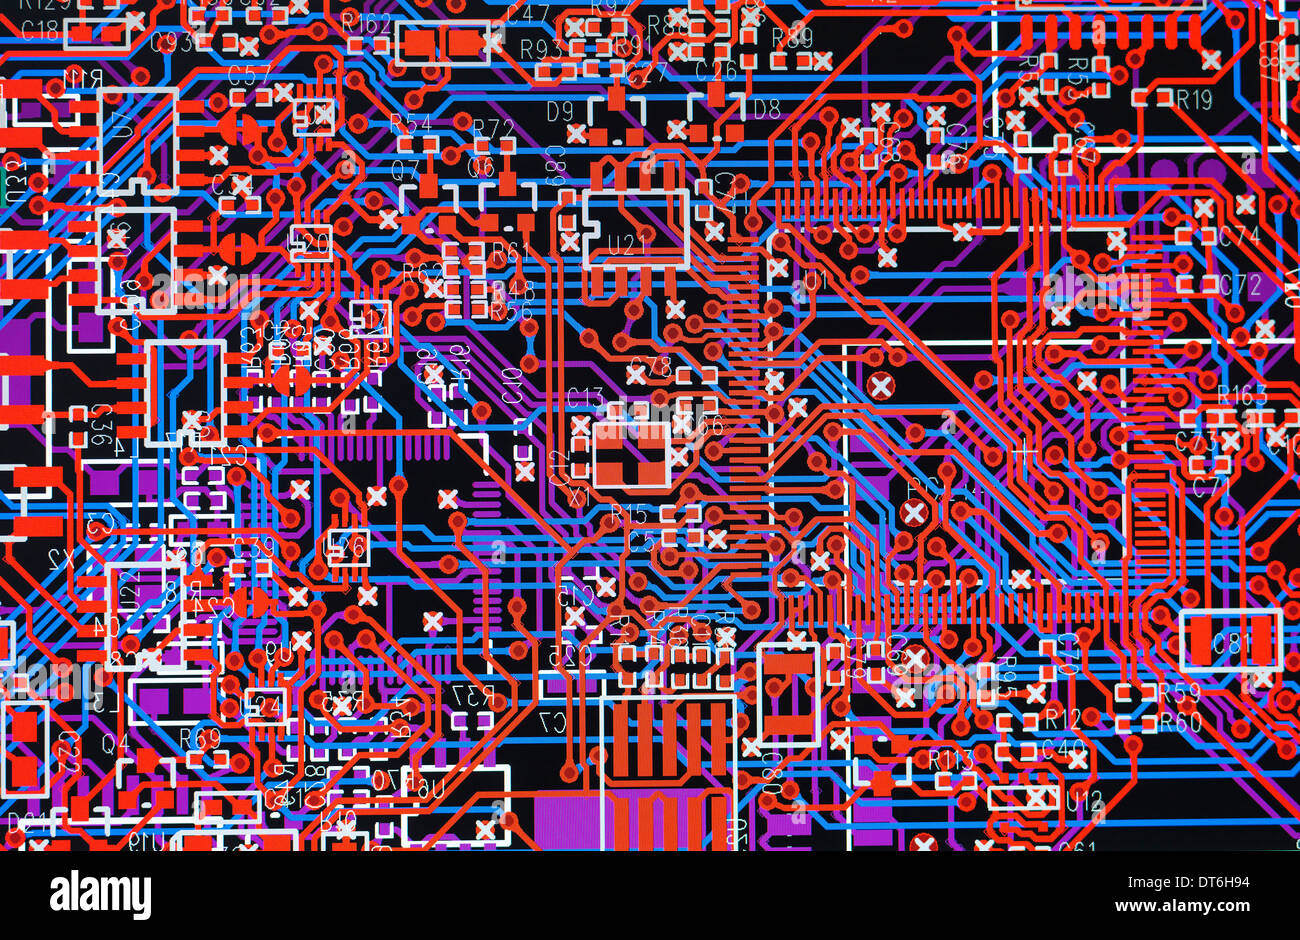 Automotive Electronics Stockfotos & Automotive Electronics Bilder ...